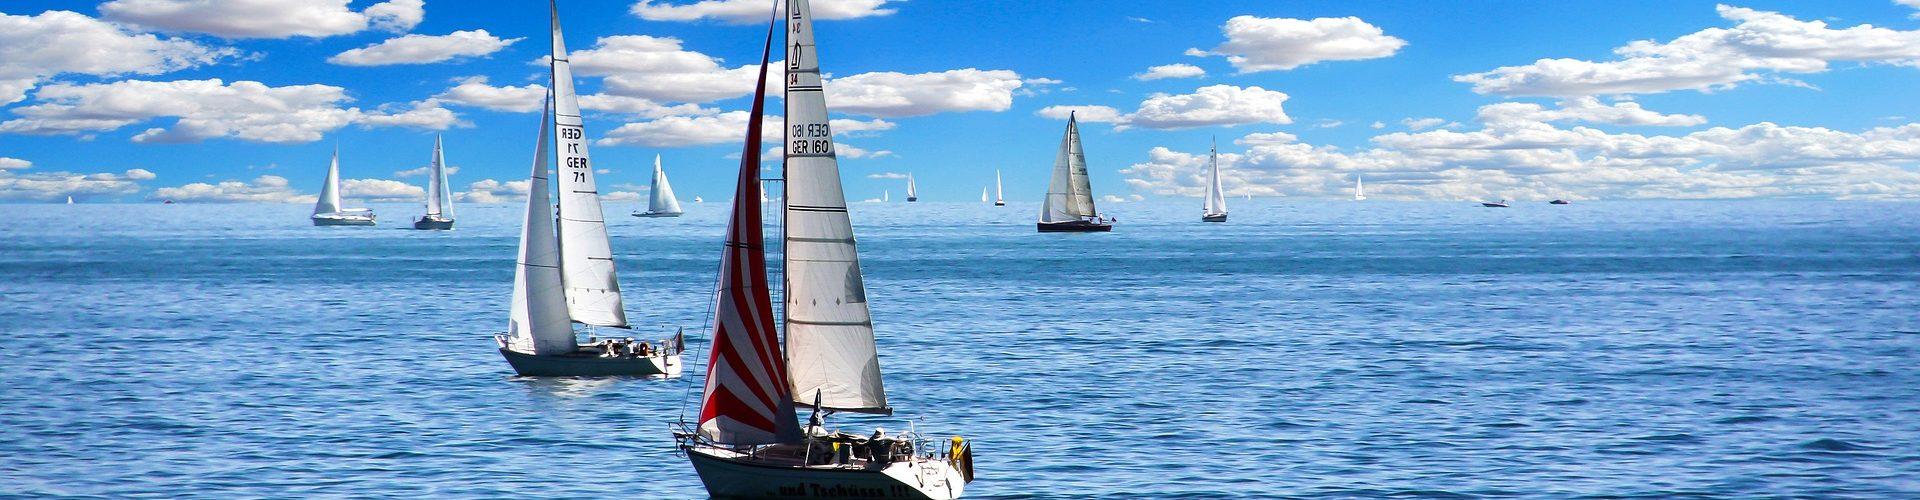 segeln lernen in Gotha segelschein machen in Gotha 1920x500 - Segeln lernen in Gotha